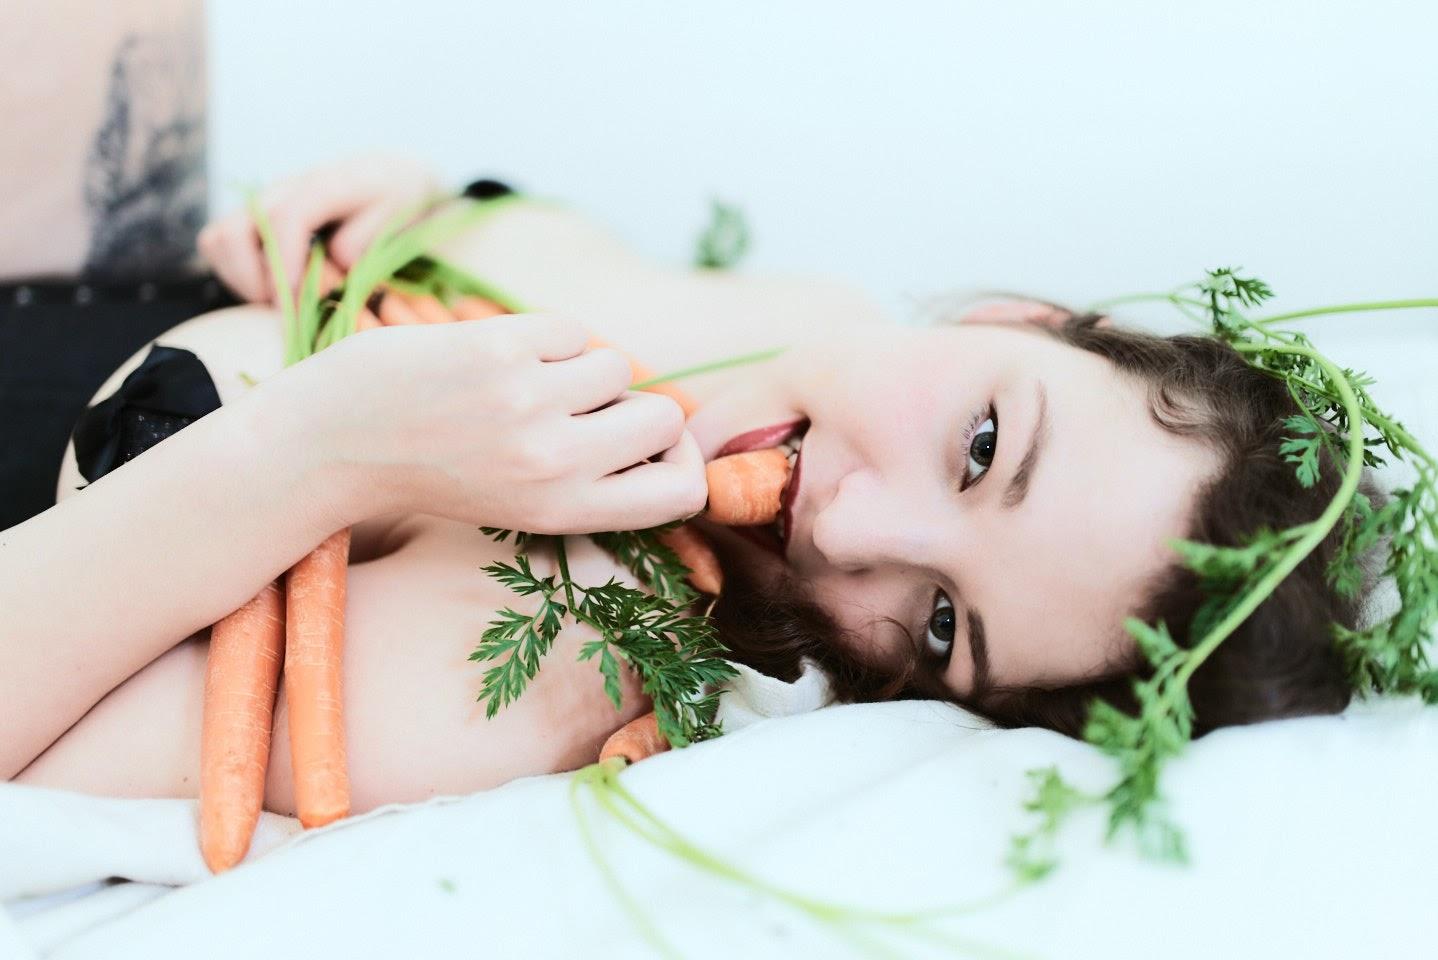 Carrots Pin-Up with Kirsch Kiraz - 15